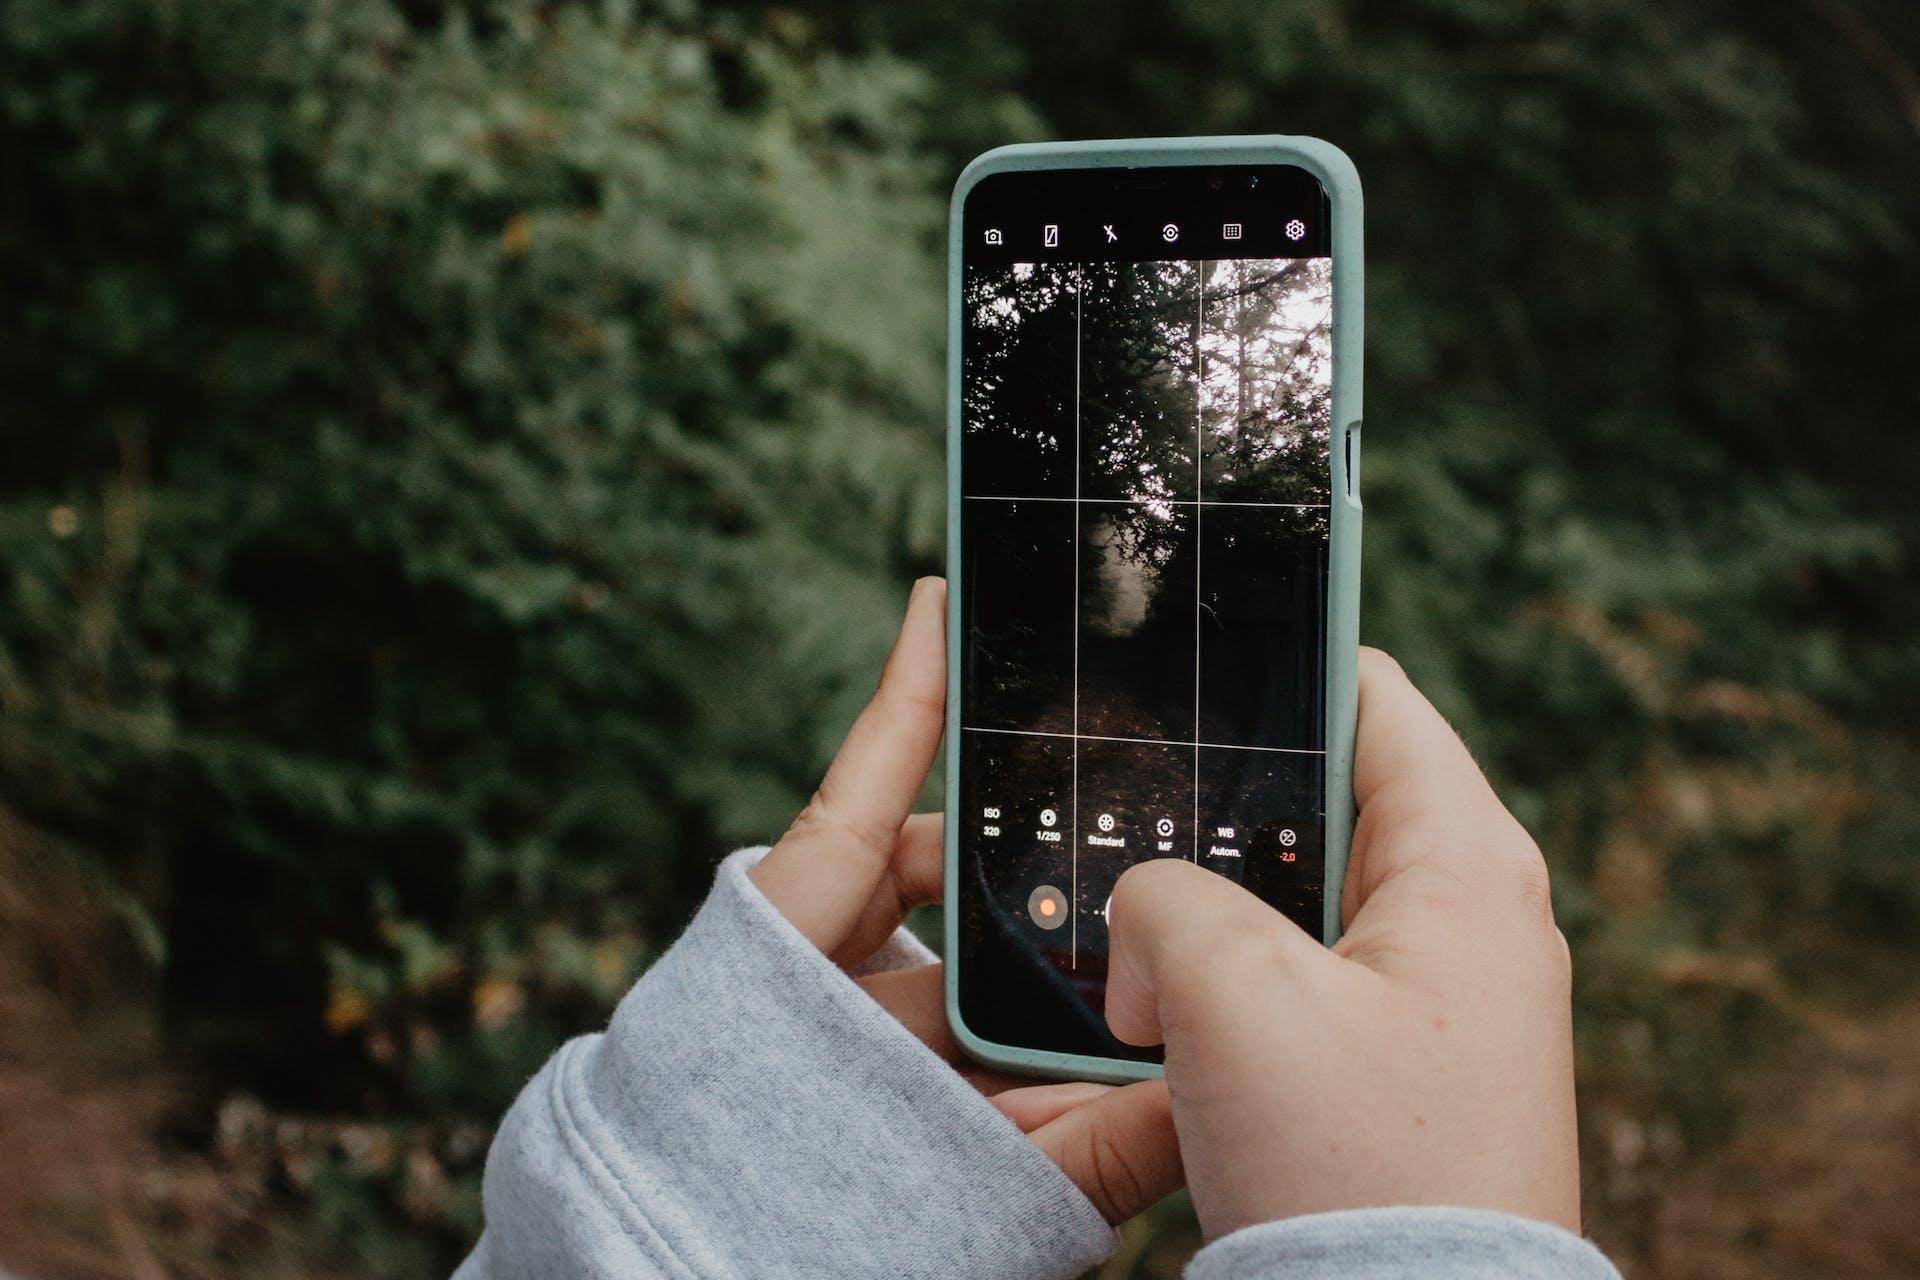 social media image sizes in 2021